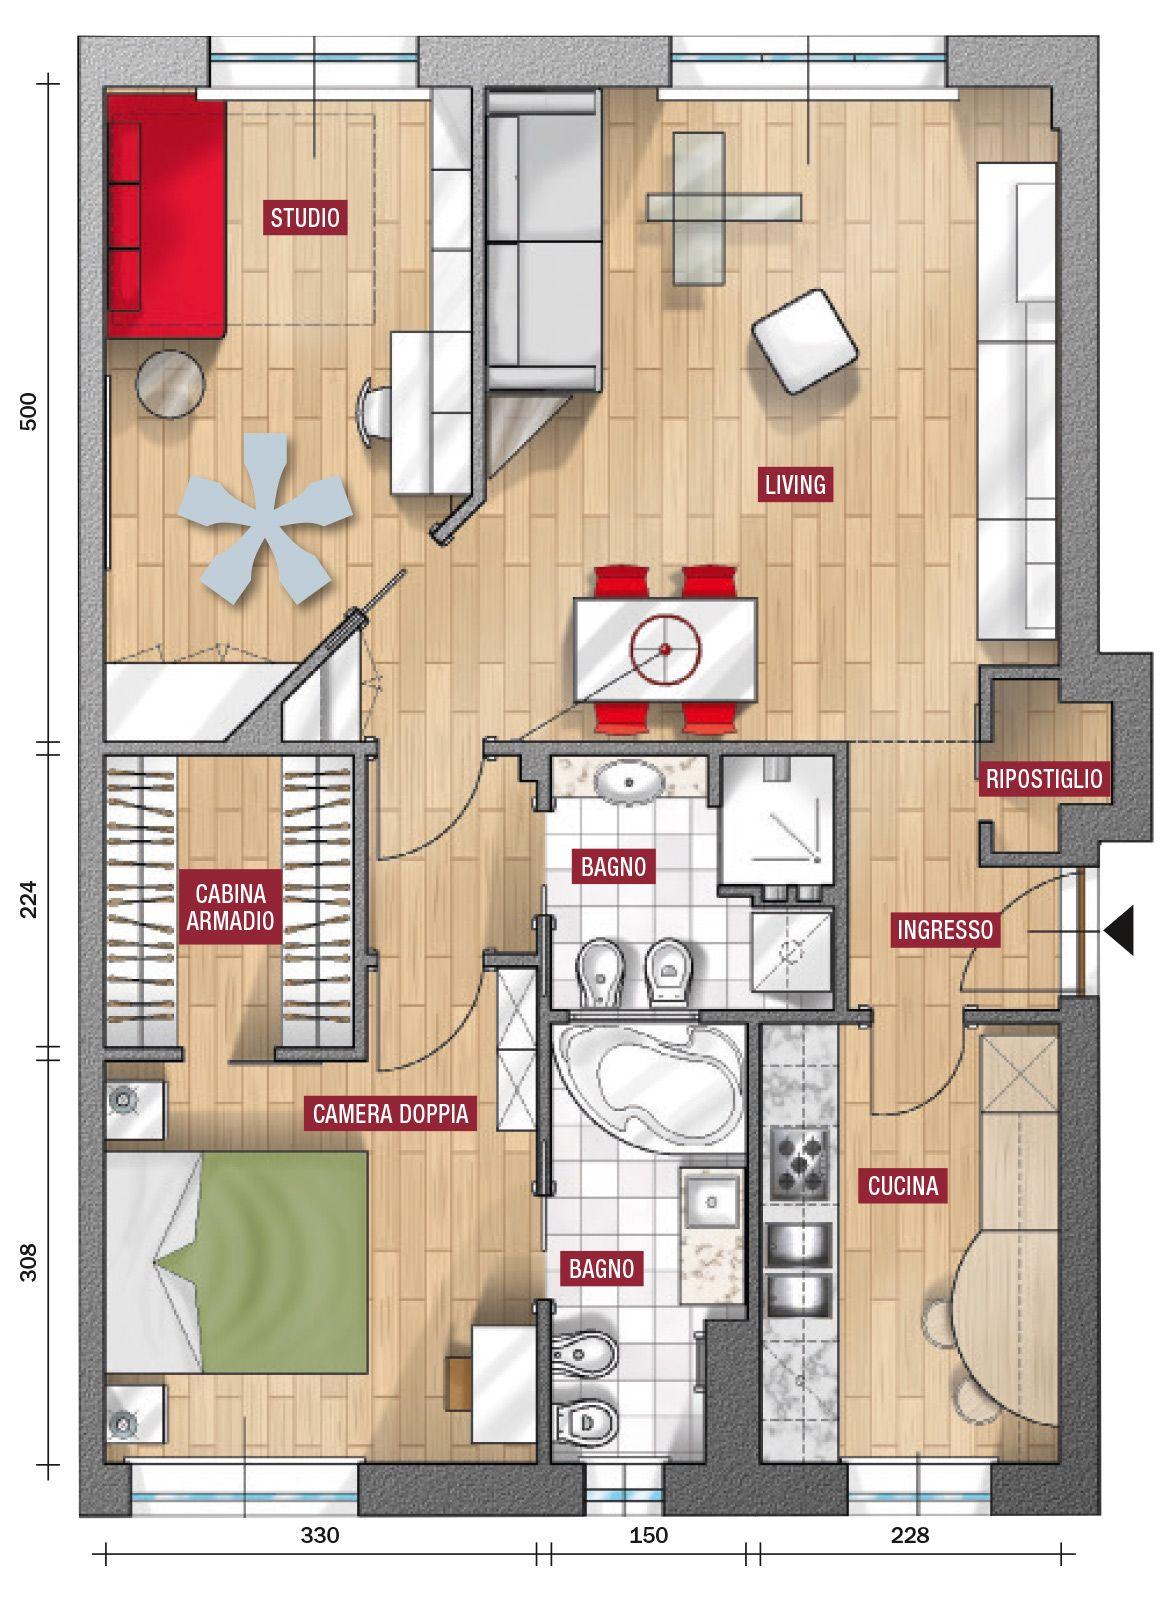 Casa 80 Mq Pianta in 80 mq soggiorno più ampio. prima soluzione | planimetrie